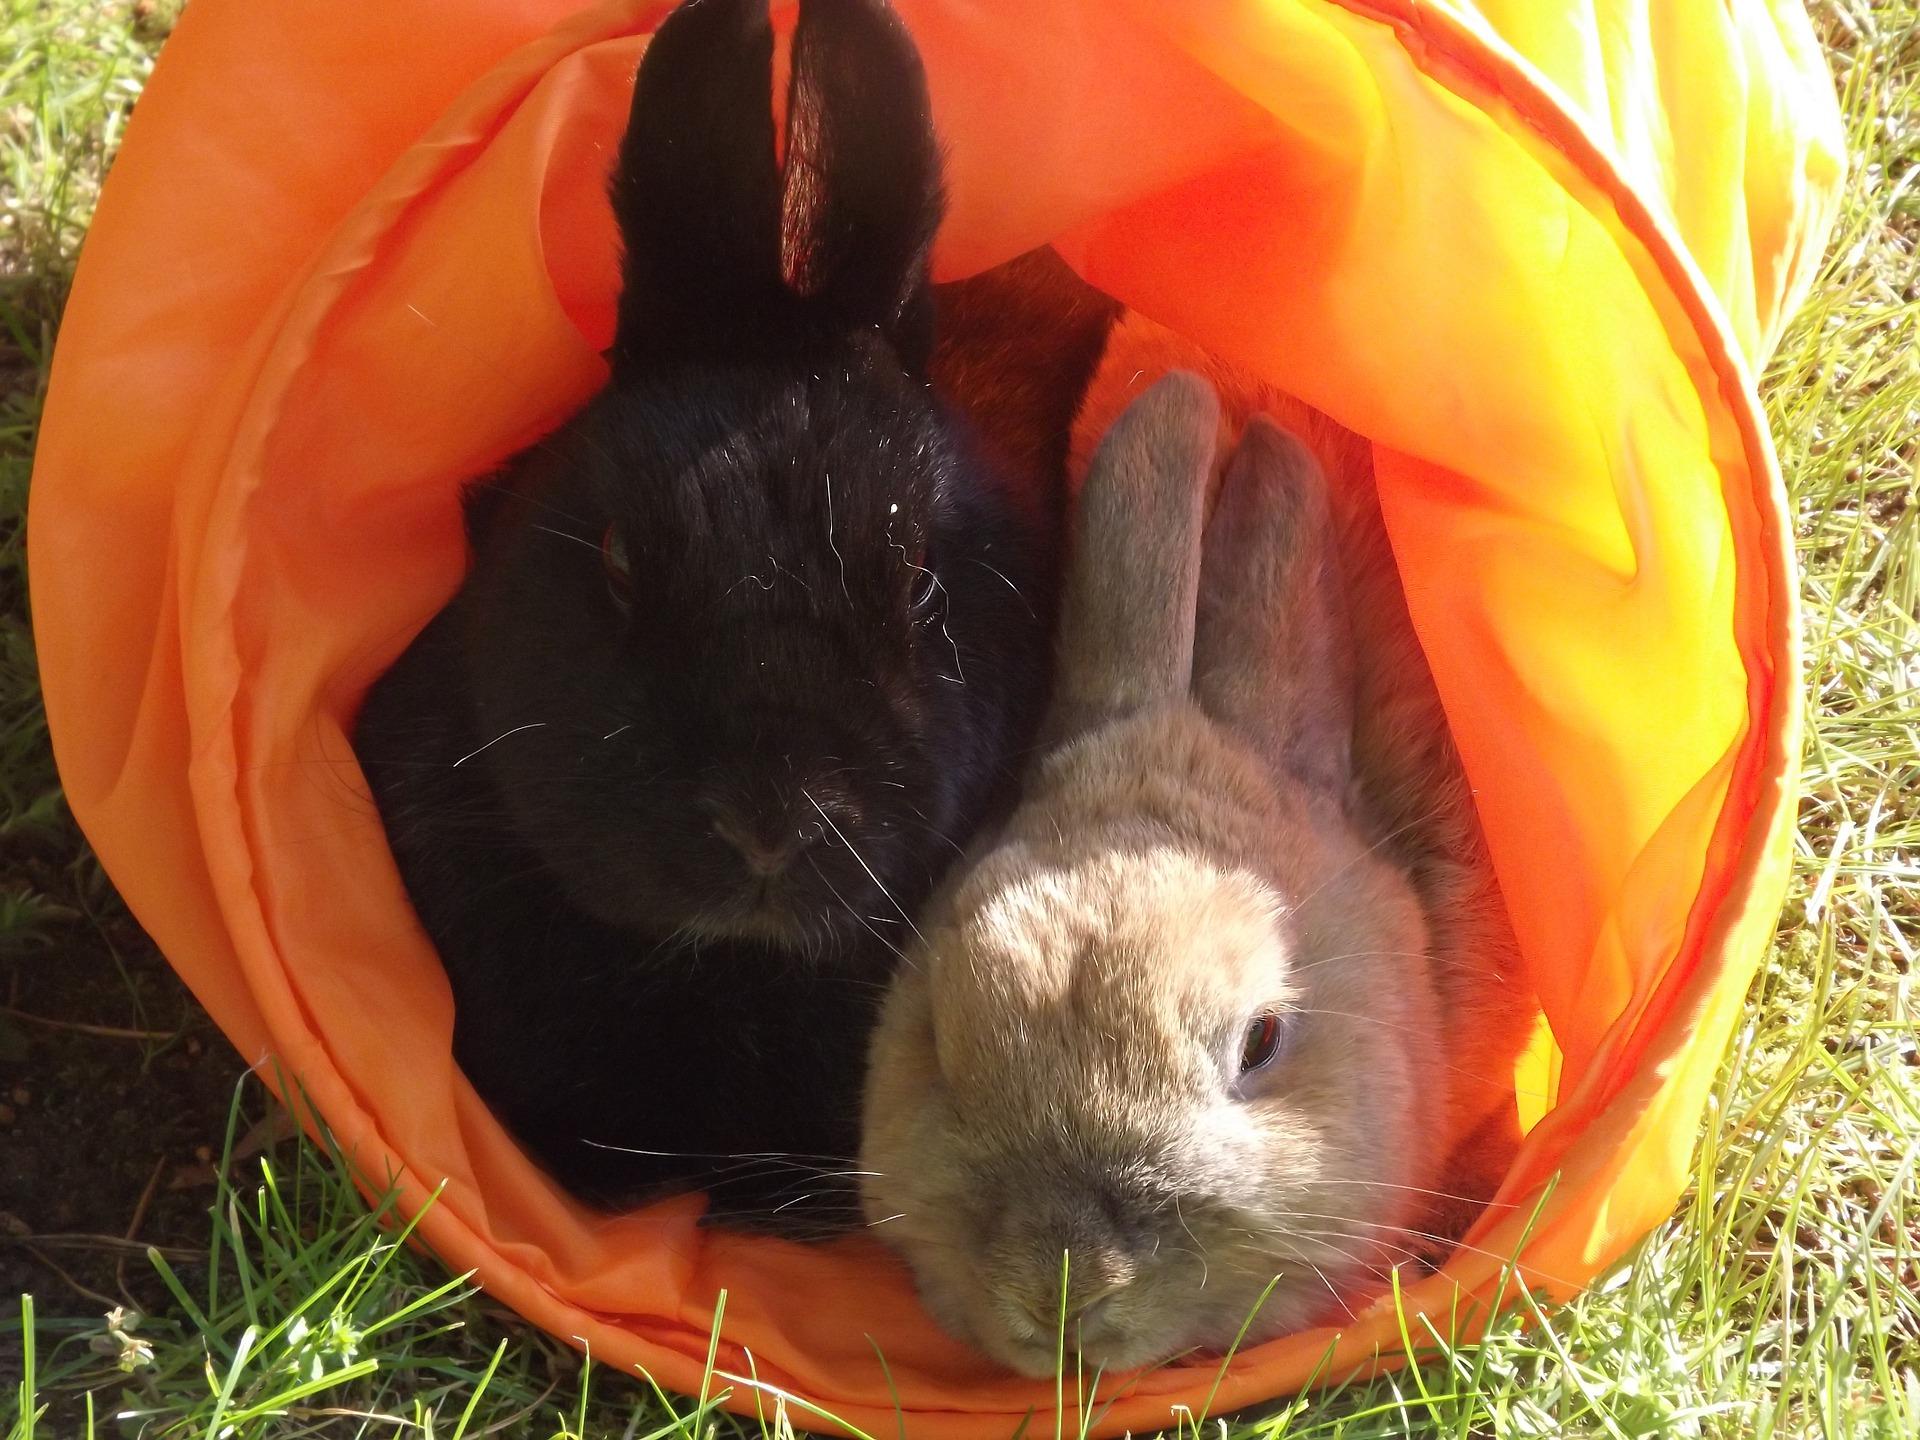 O coello xa é a terceira mascota tras do can e o gato.